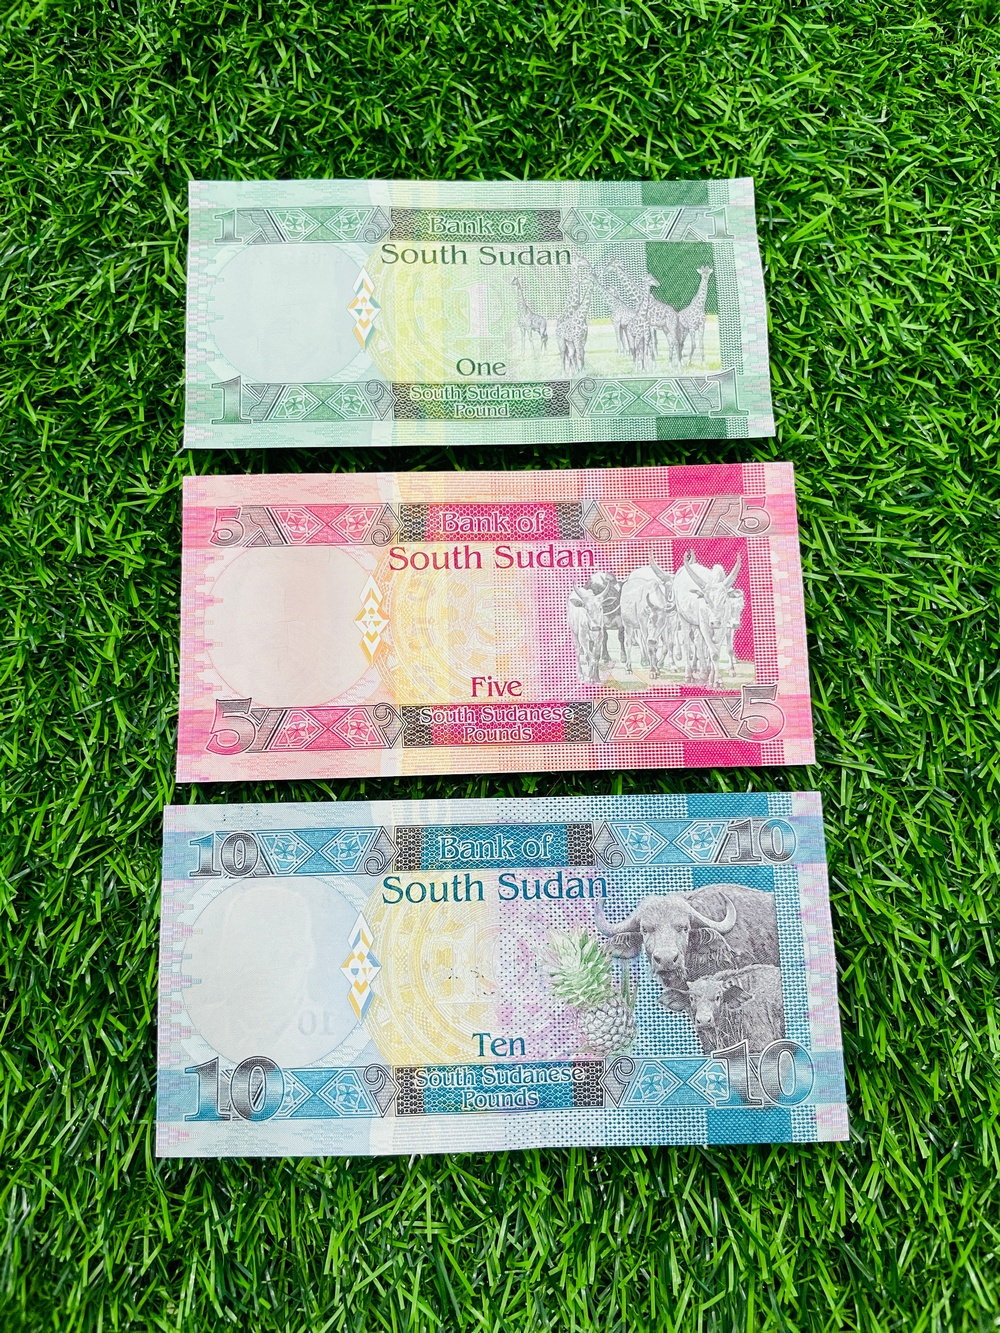 Bộ tiền Nam Sudan 1 5 10 Pound 3 tờ từ châu Phi, hình ảnh động vật, kèm bao lì xì The Merrick Mint